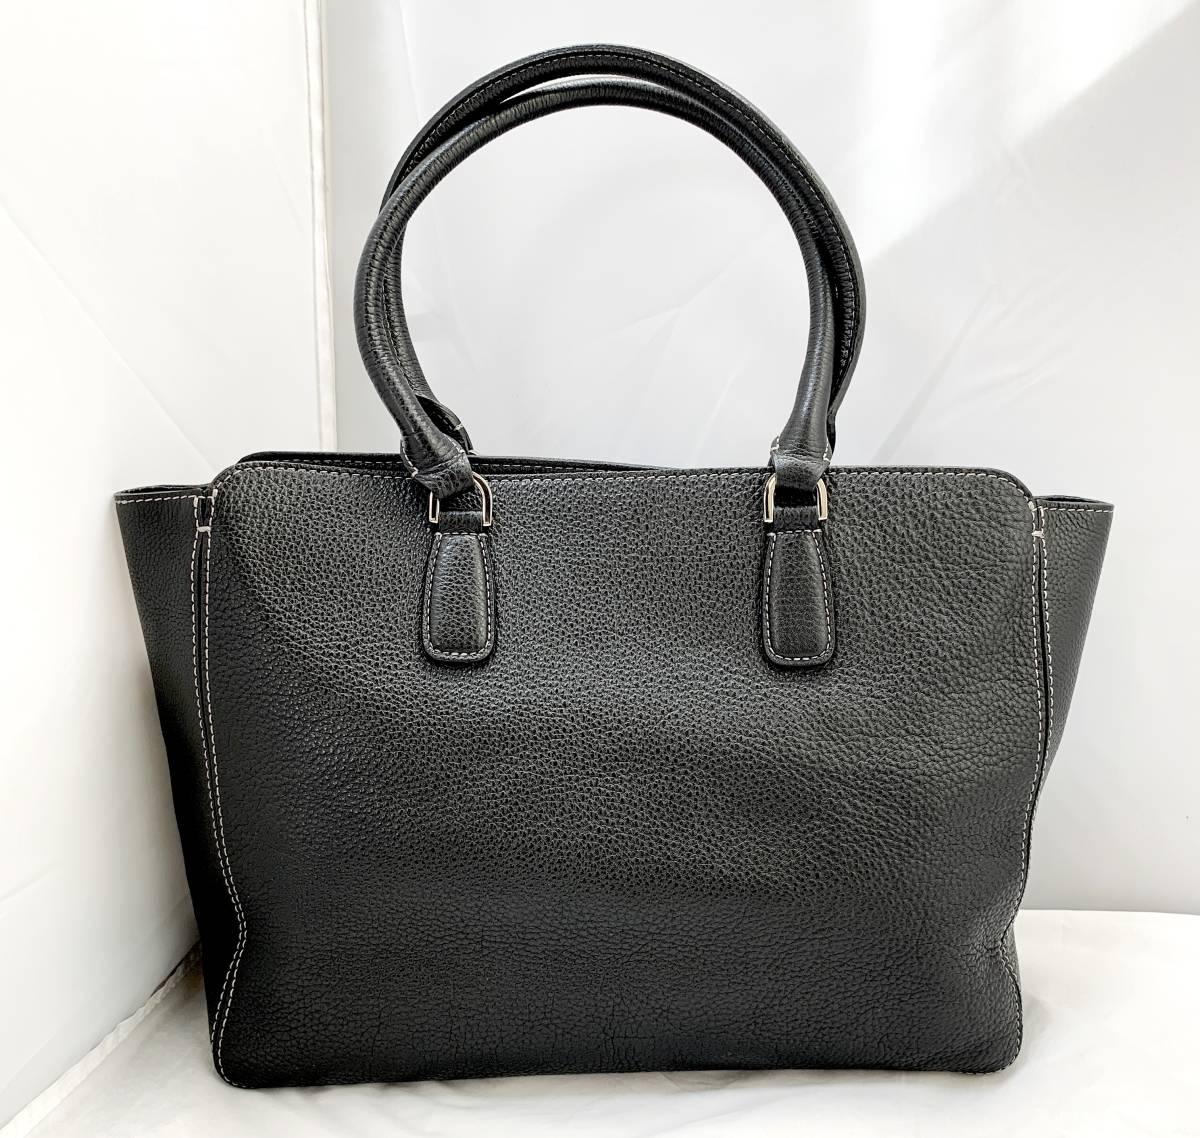 超美品 定価6万↑★ 土屋鞄 ノワイエット エイブルトート バッグ 鞄 ブラック 黒 ハンドバッグ ショルダーバッグ フォーマルにも◎